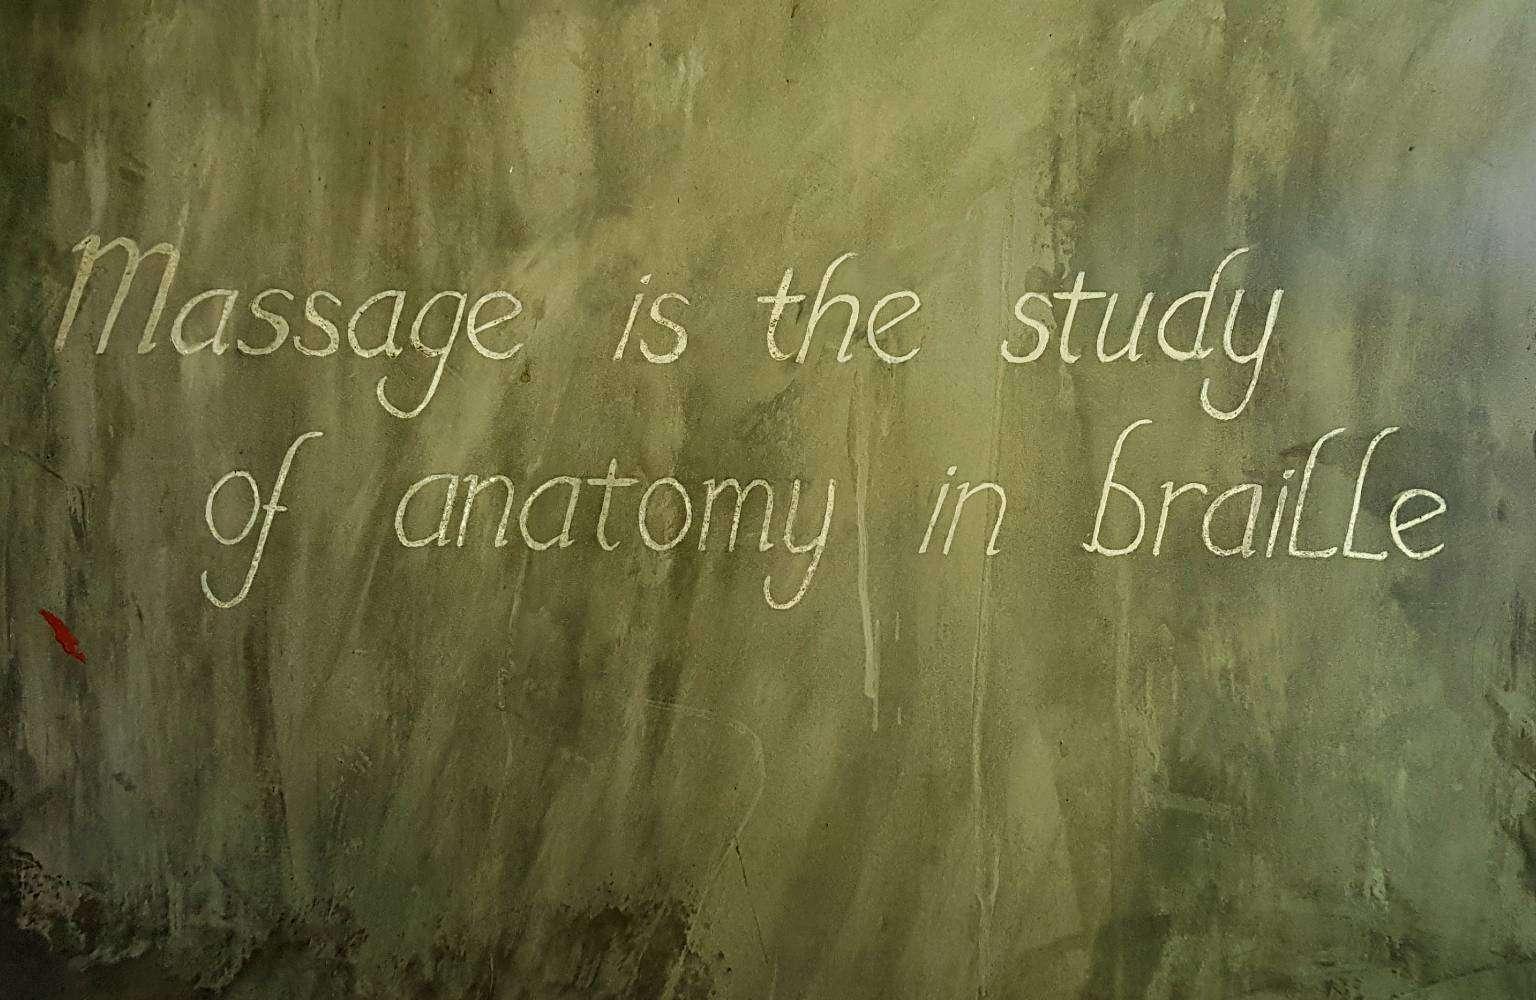 Krijtbord met tekst in de hut van Dr. Saad_ Massage is the study of anatomy in braille